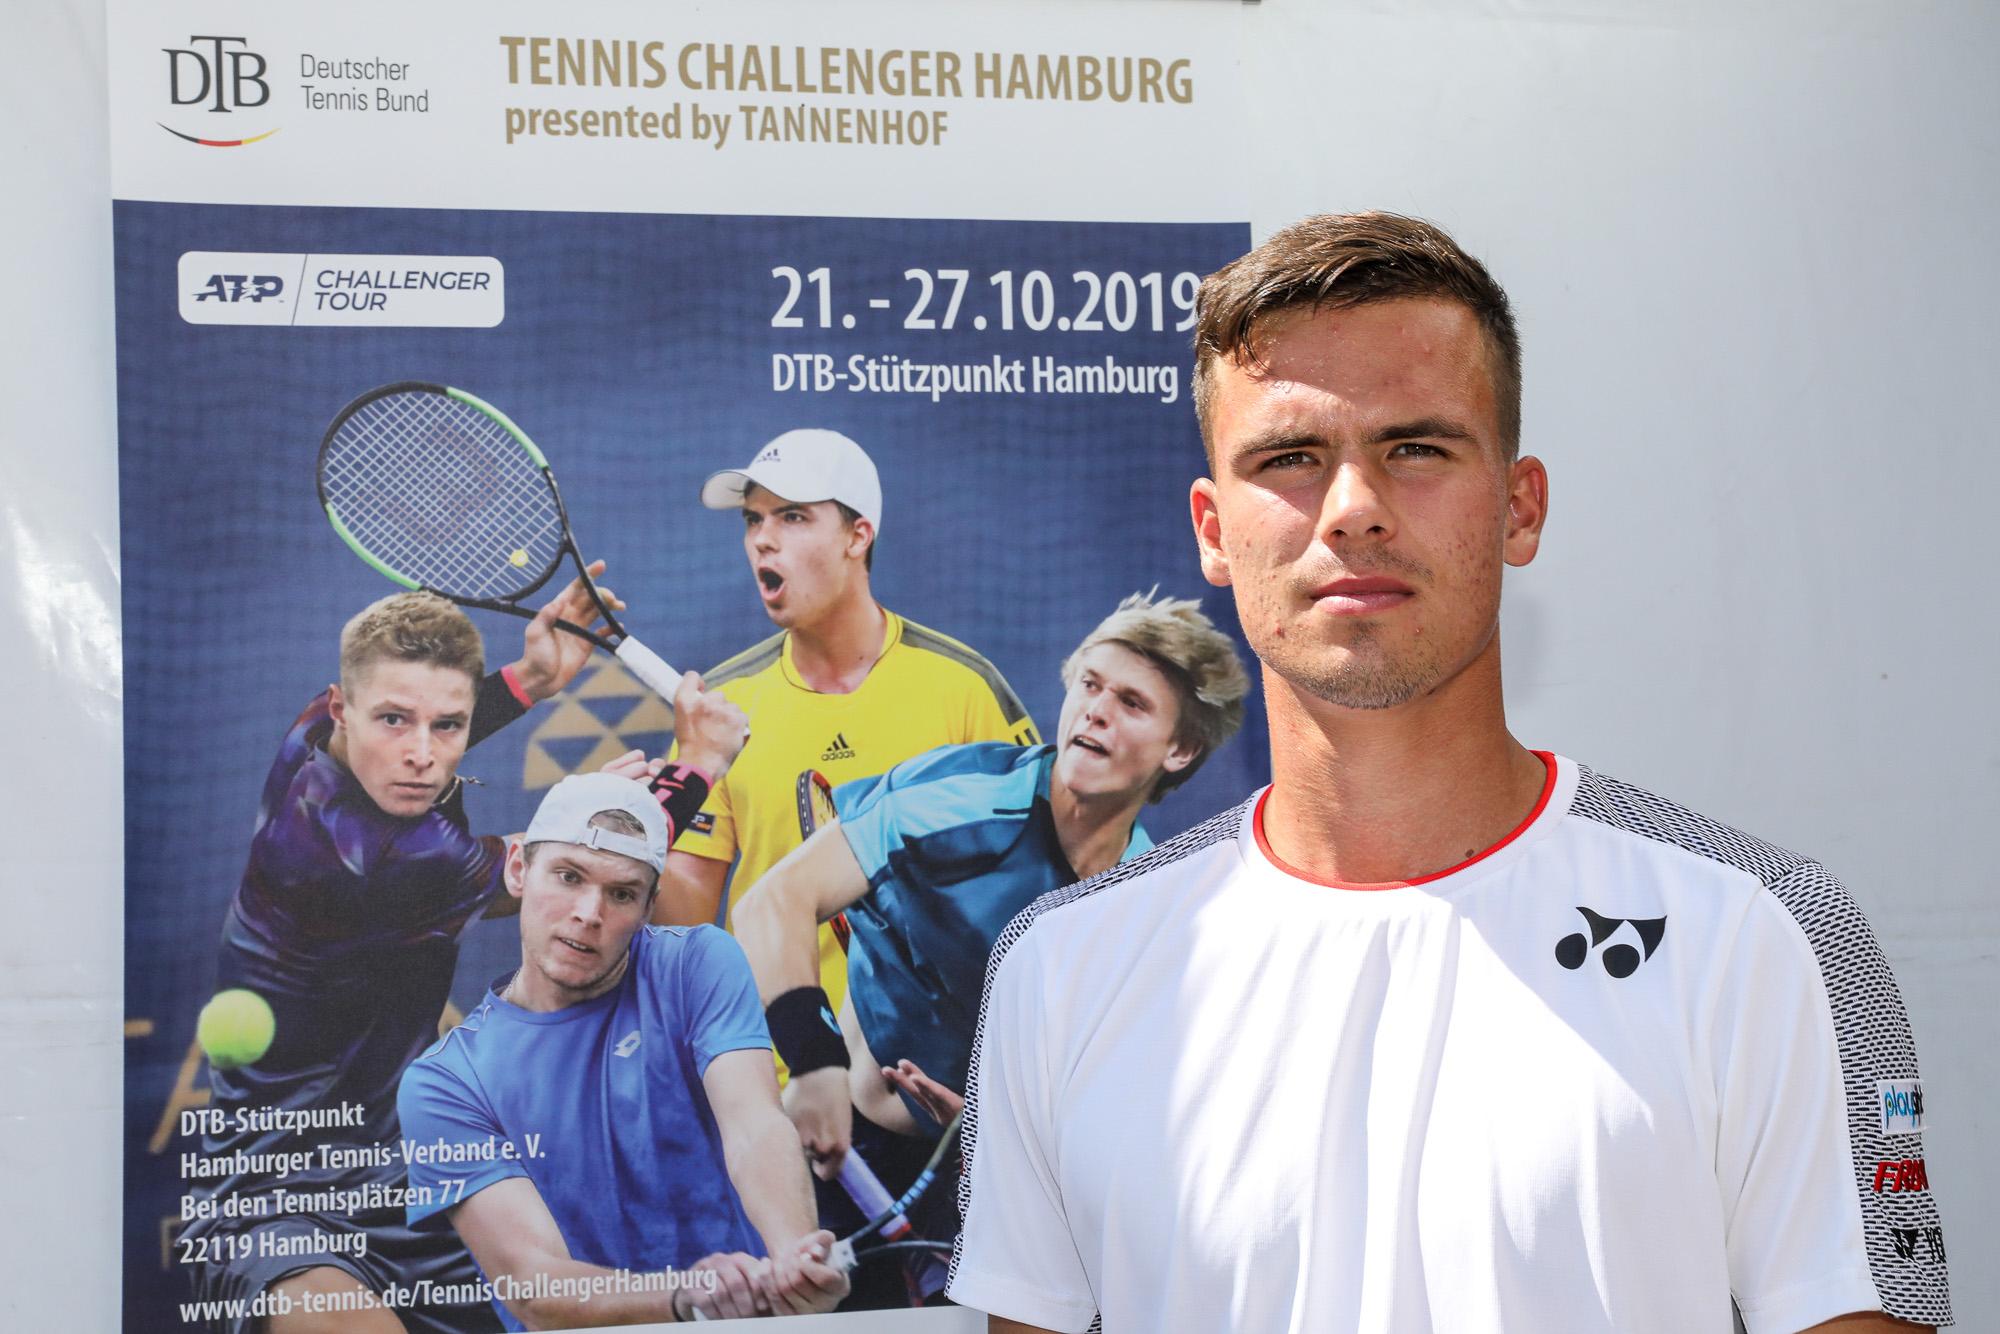 Daniel Altmaier freut sich schon auf das Tennis Challenger Hamburg 2019.